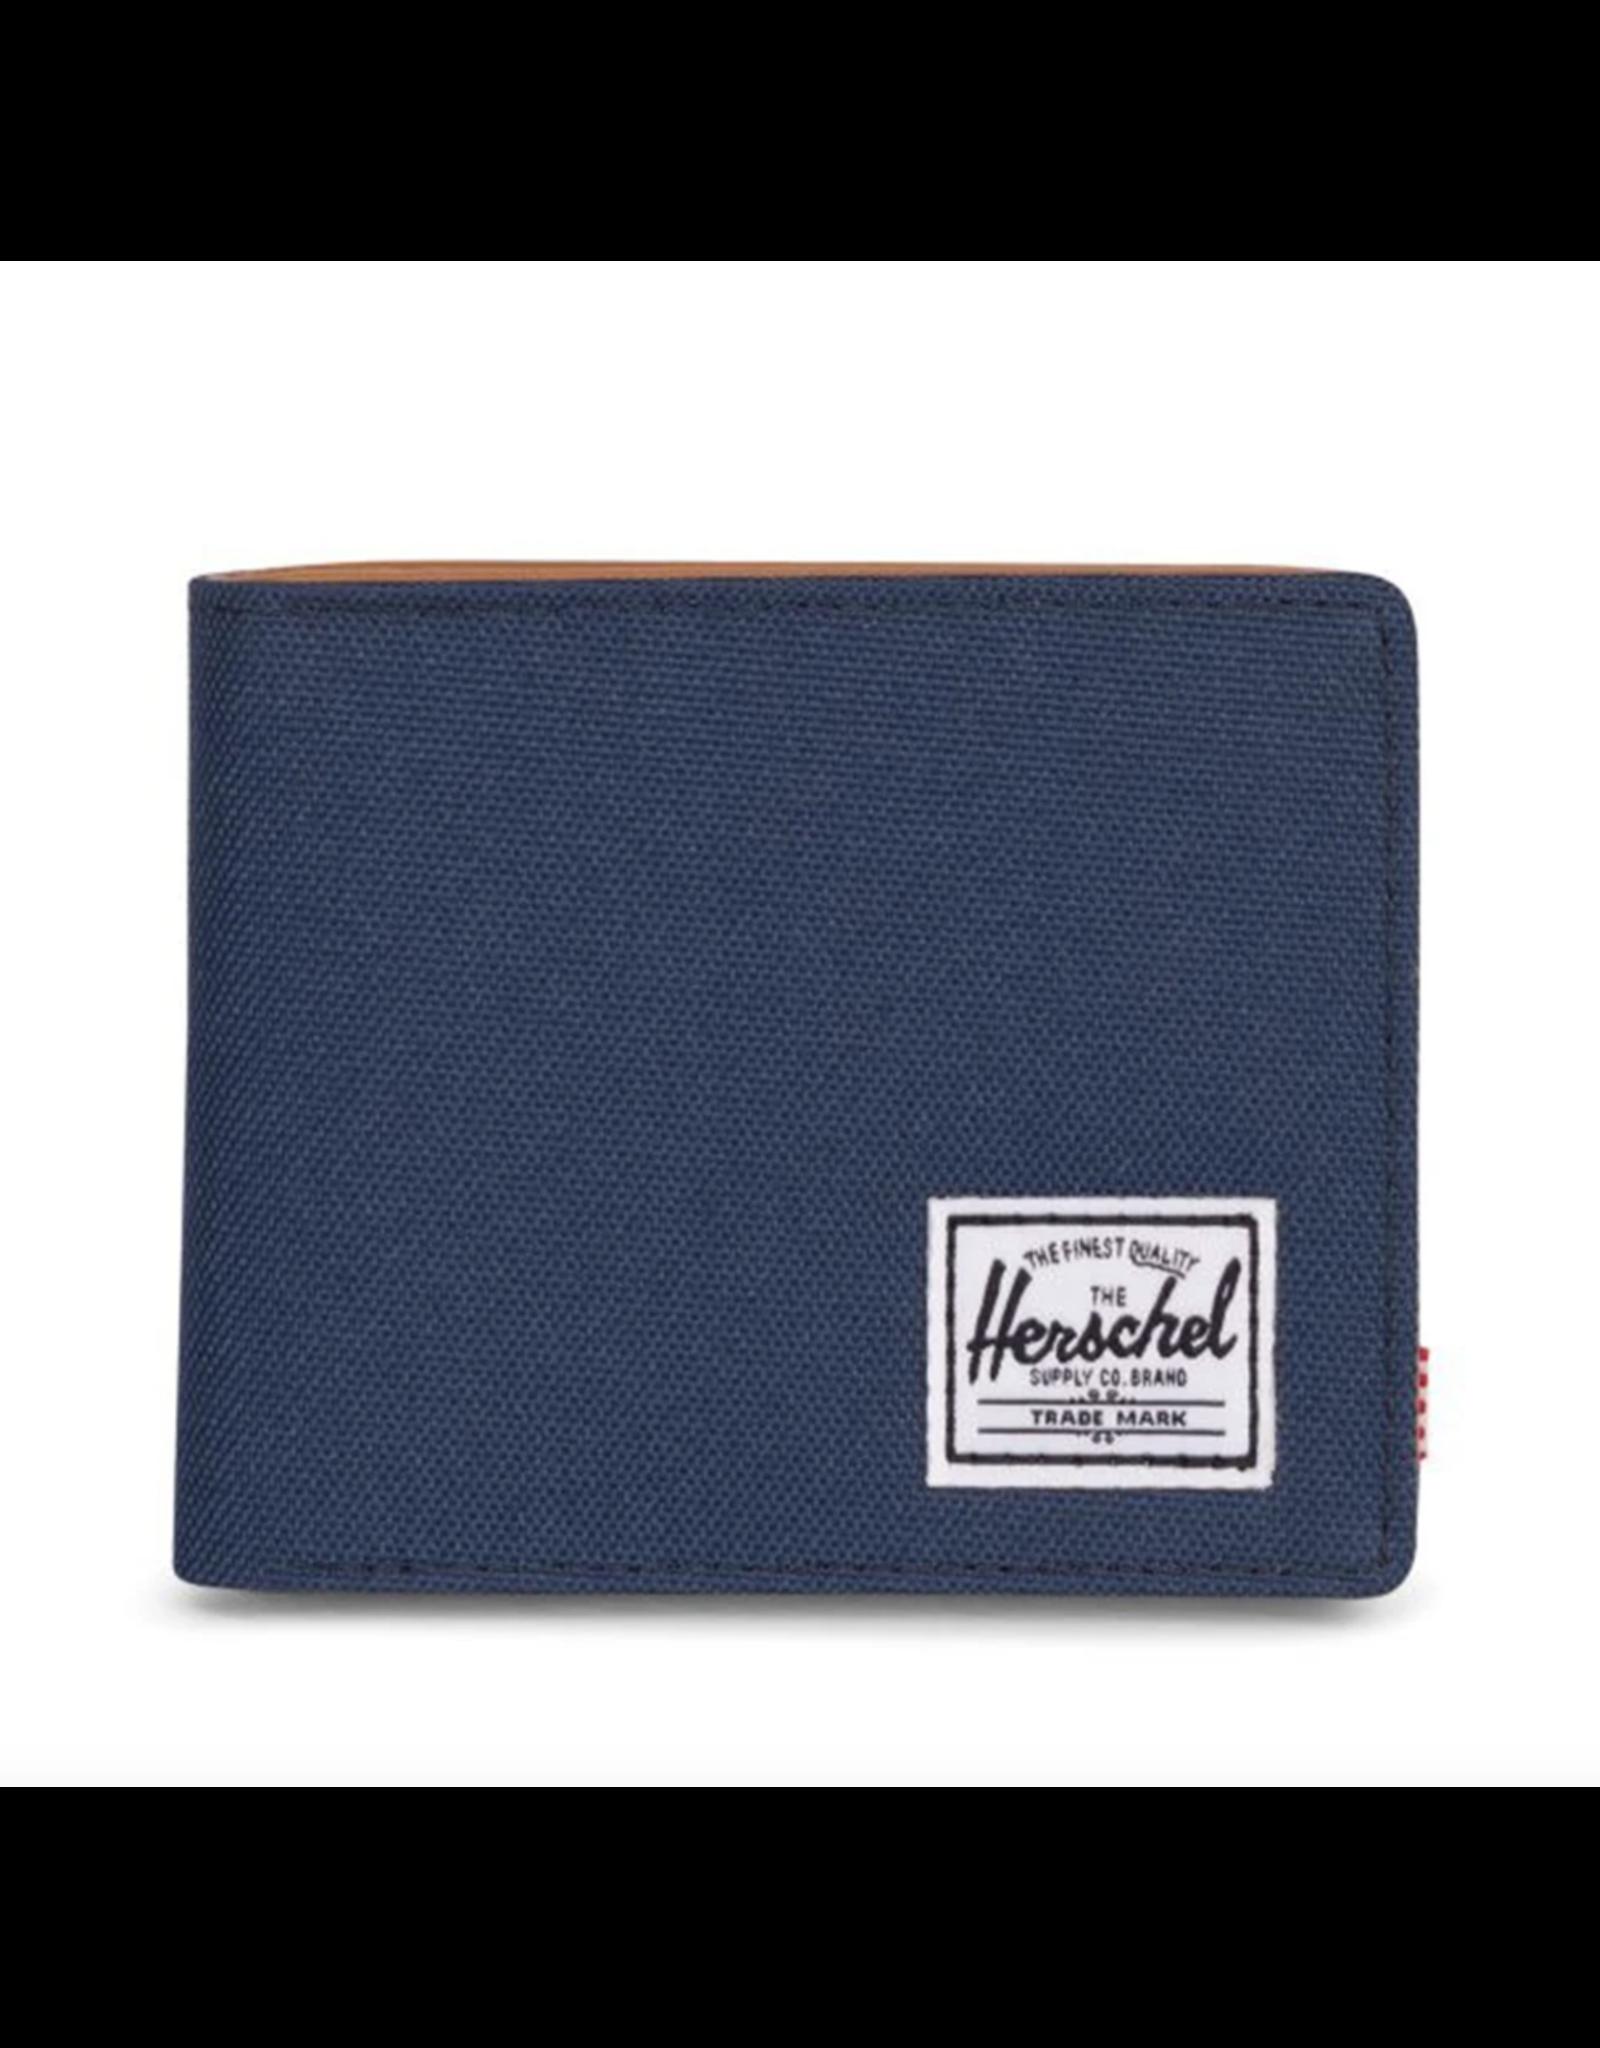 Herschel Hank Wallet - Various Colors